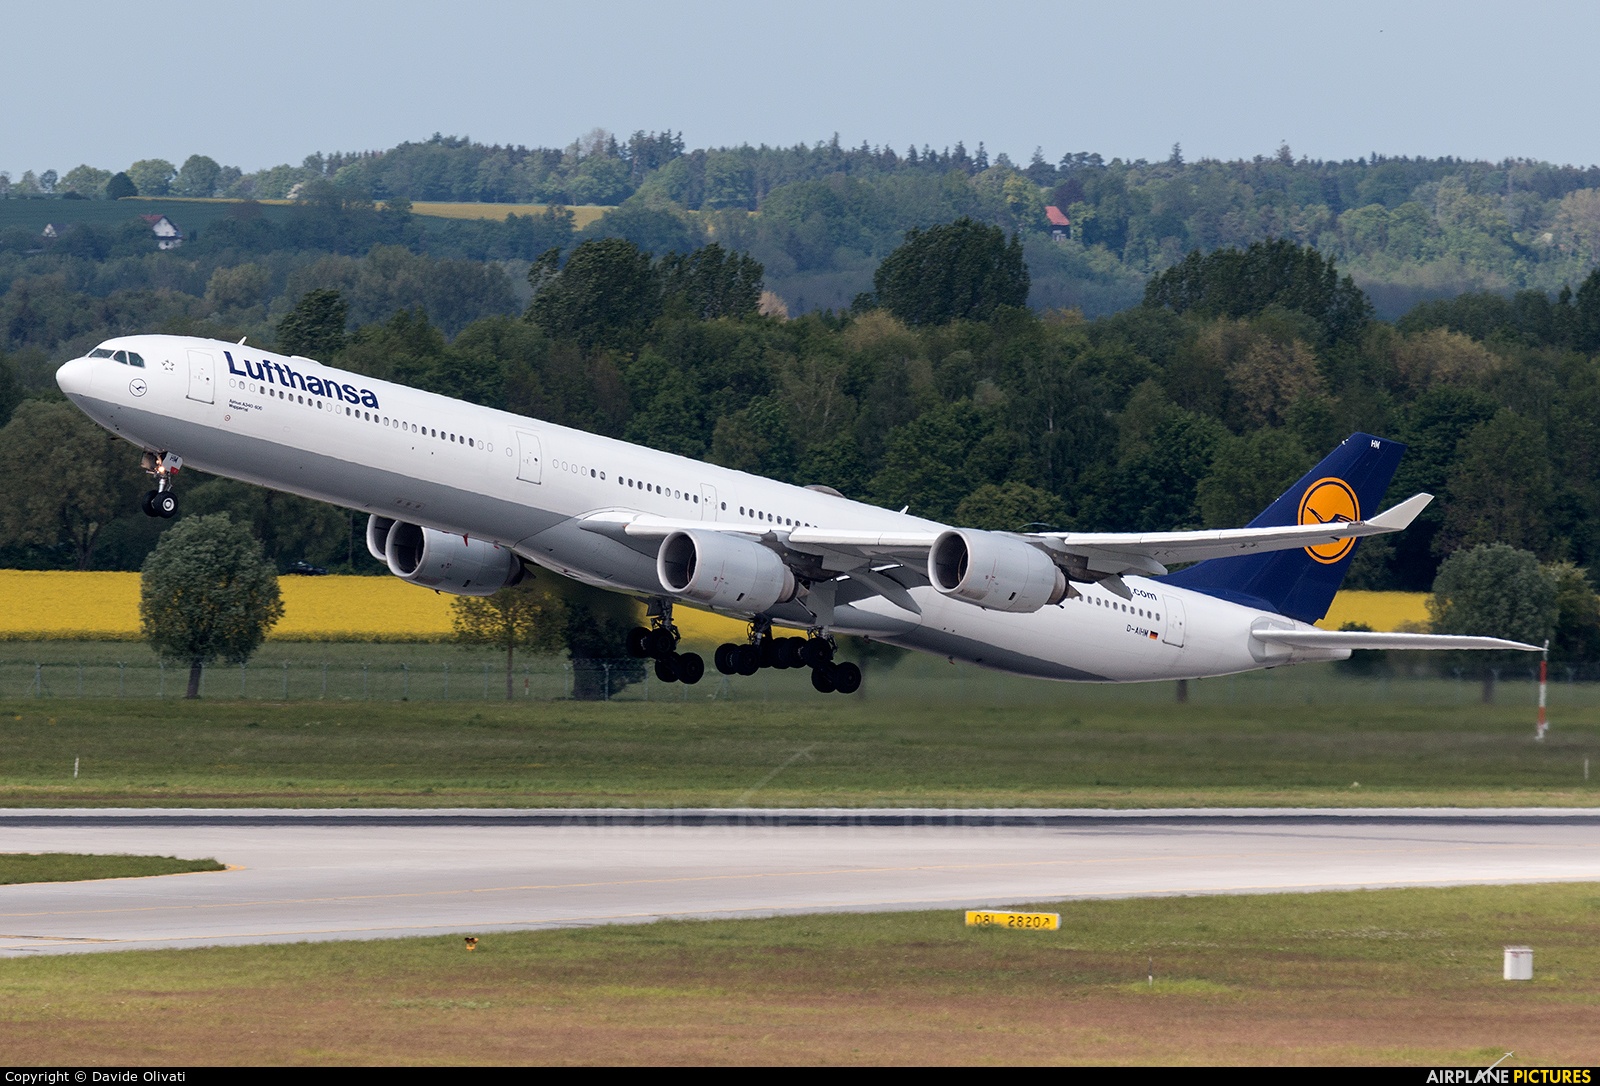 Lufthansa D-AIHM aircraft at Munich